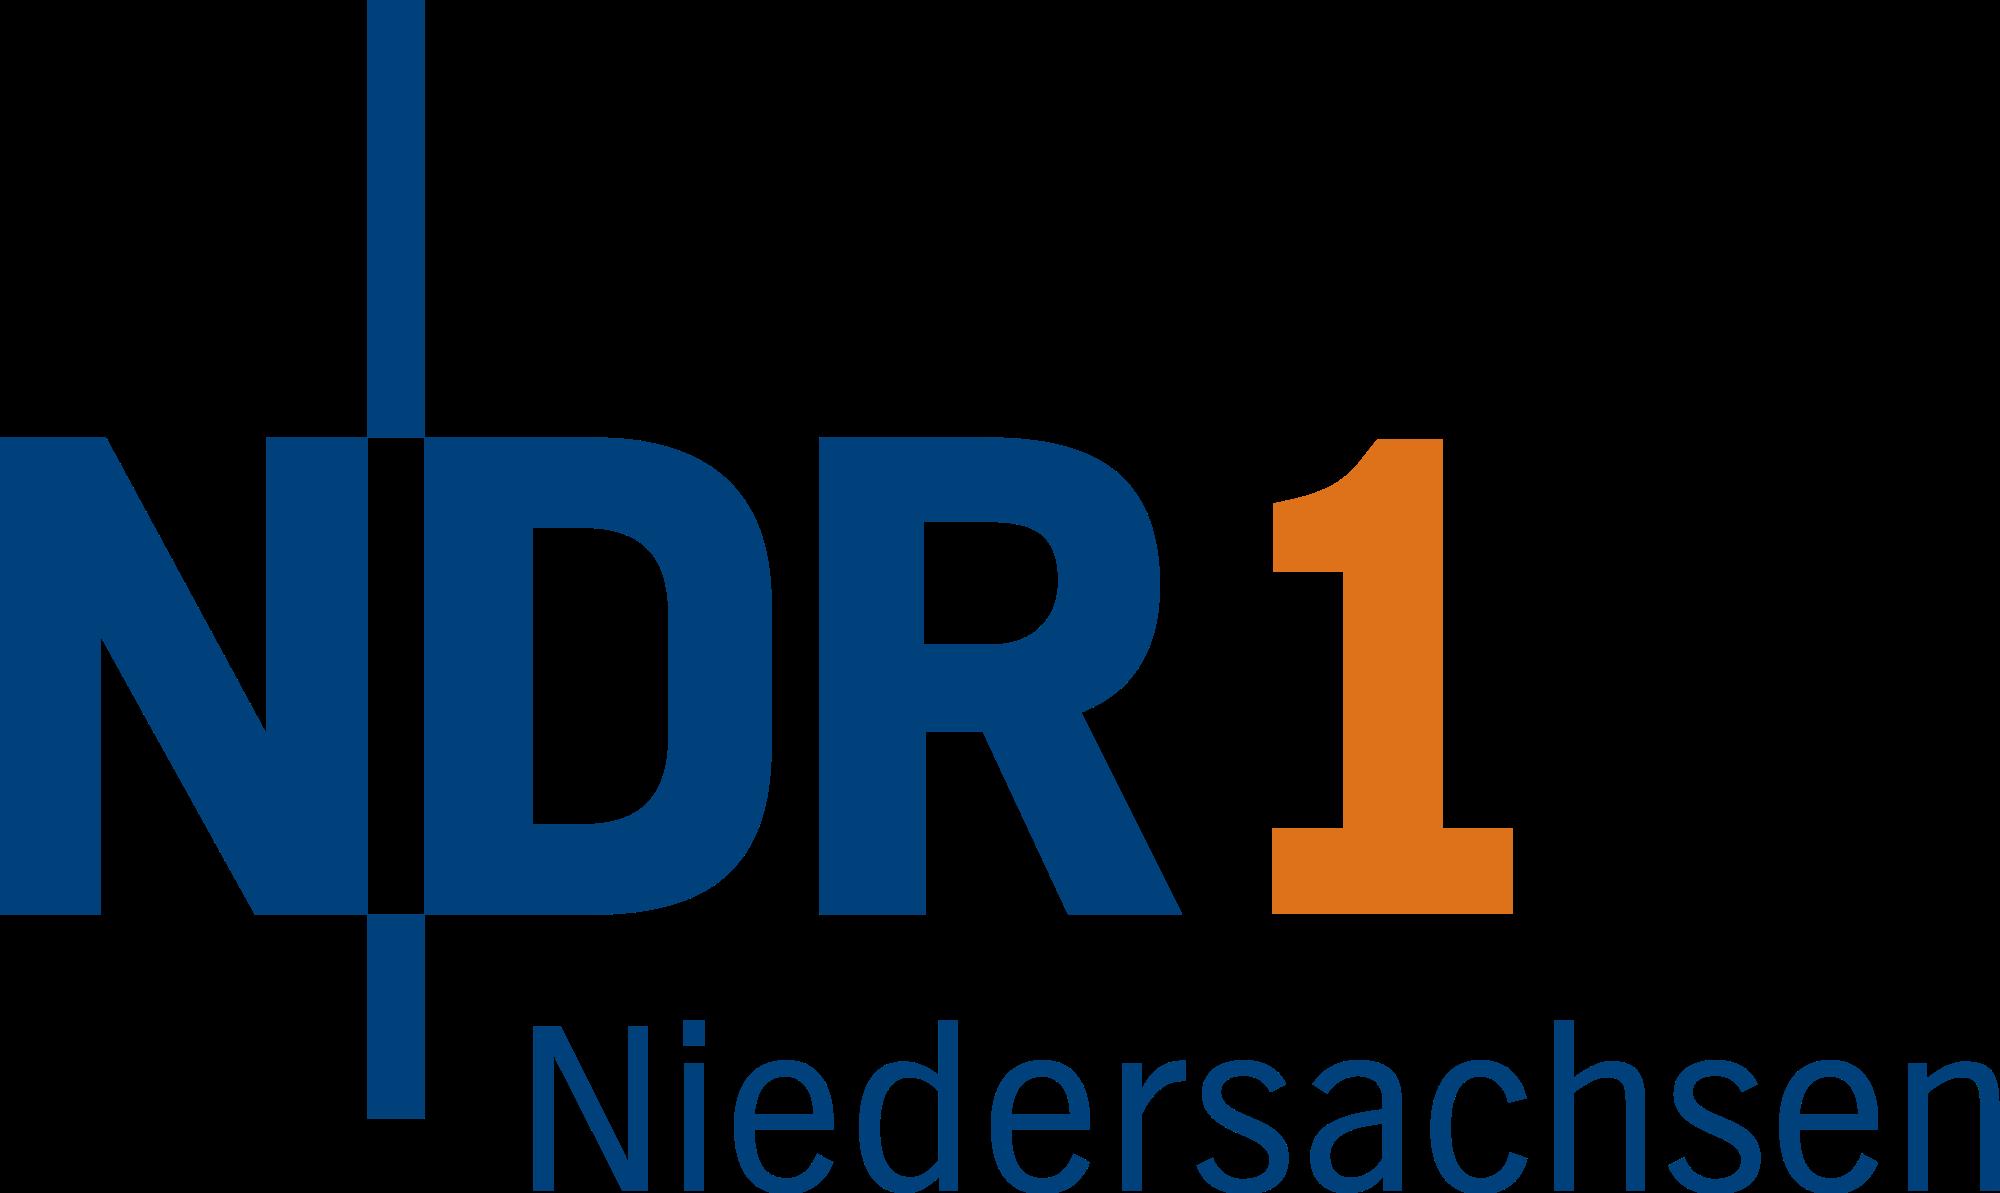 NDR_1_Niedersachsen_Logo